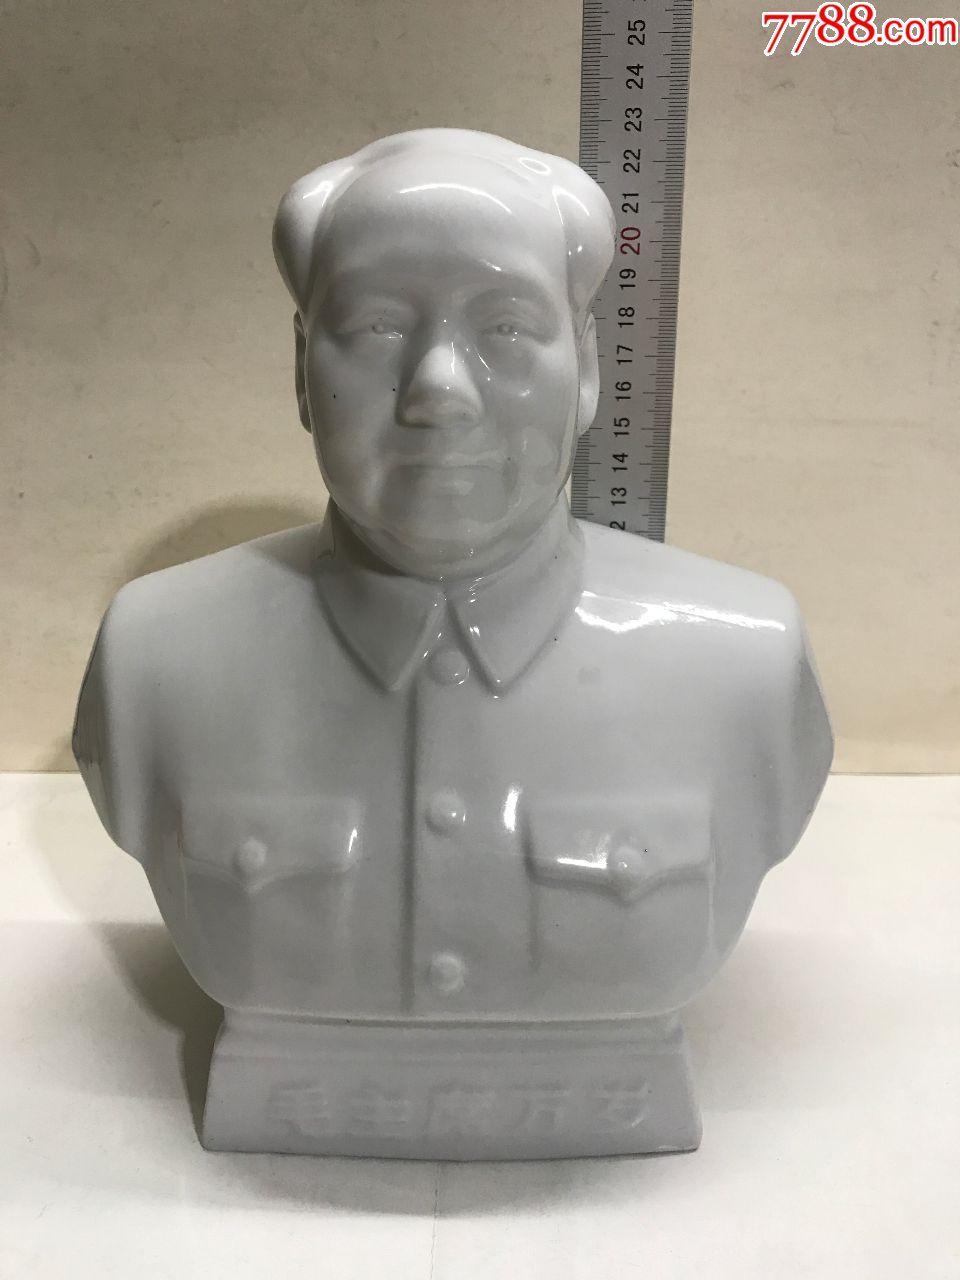 23厘米《毛主席陶瓷像》无坏无?#30416;蘅呐?se59090457)_